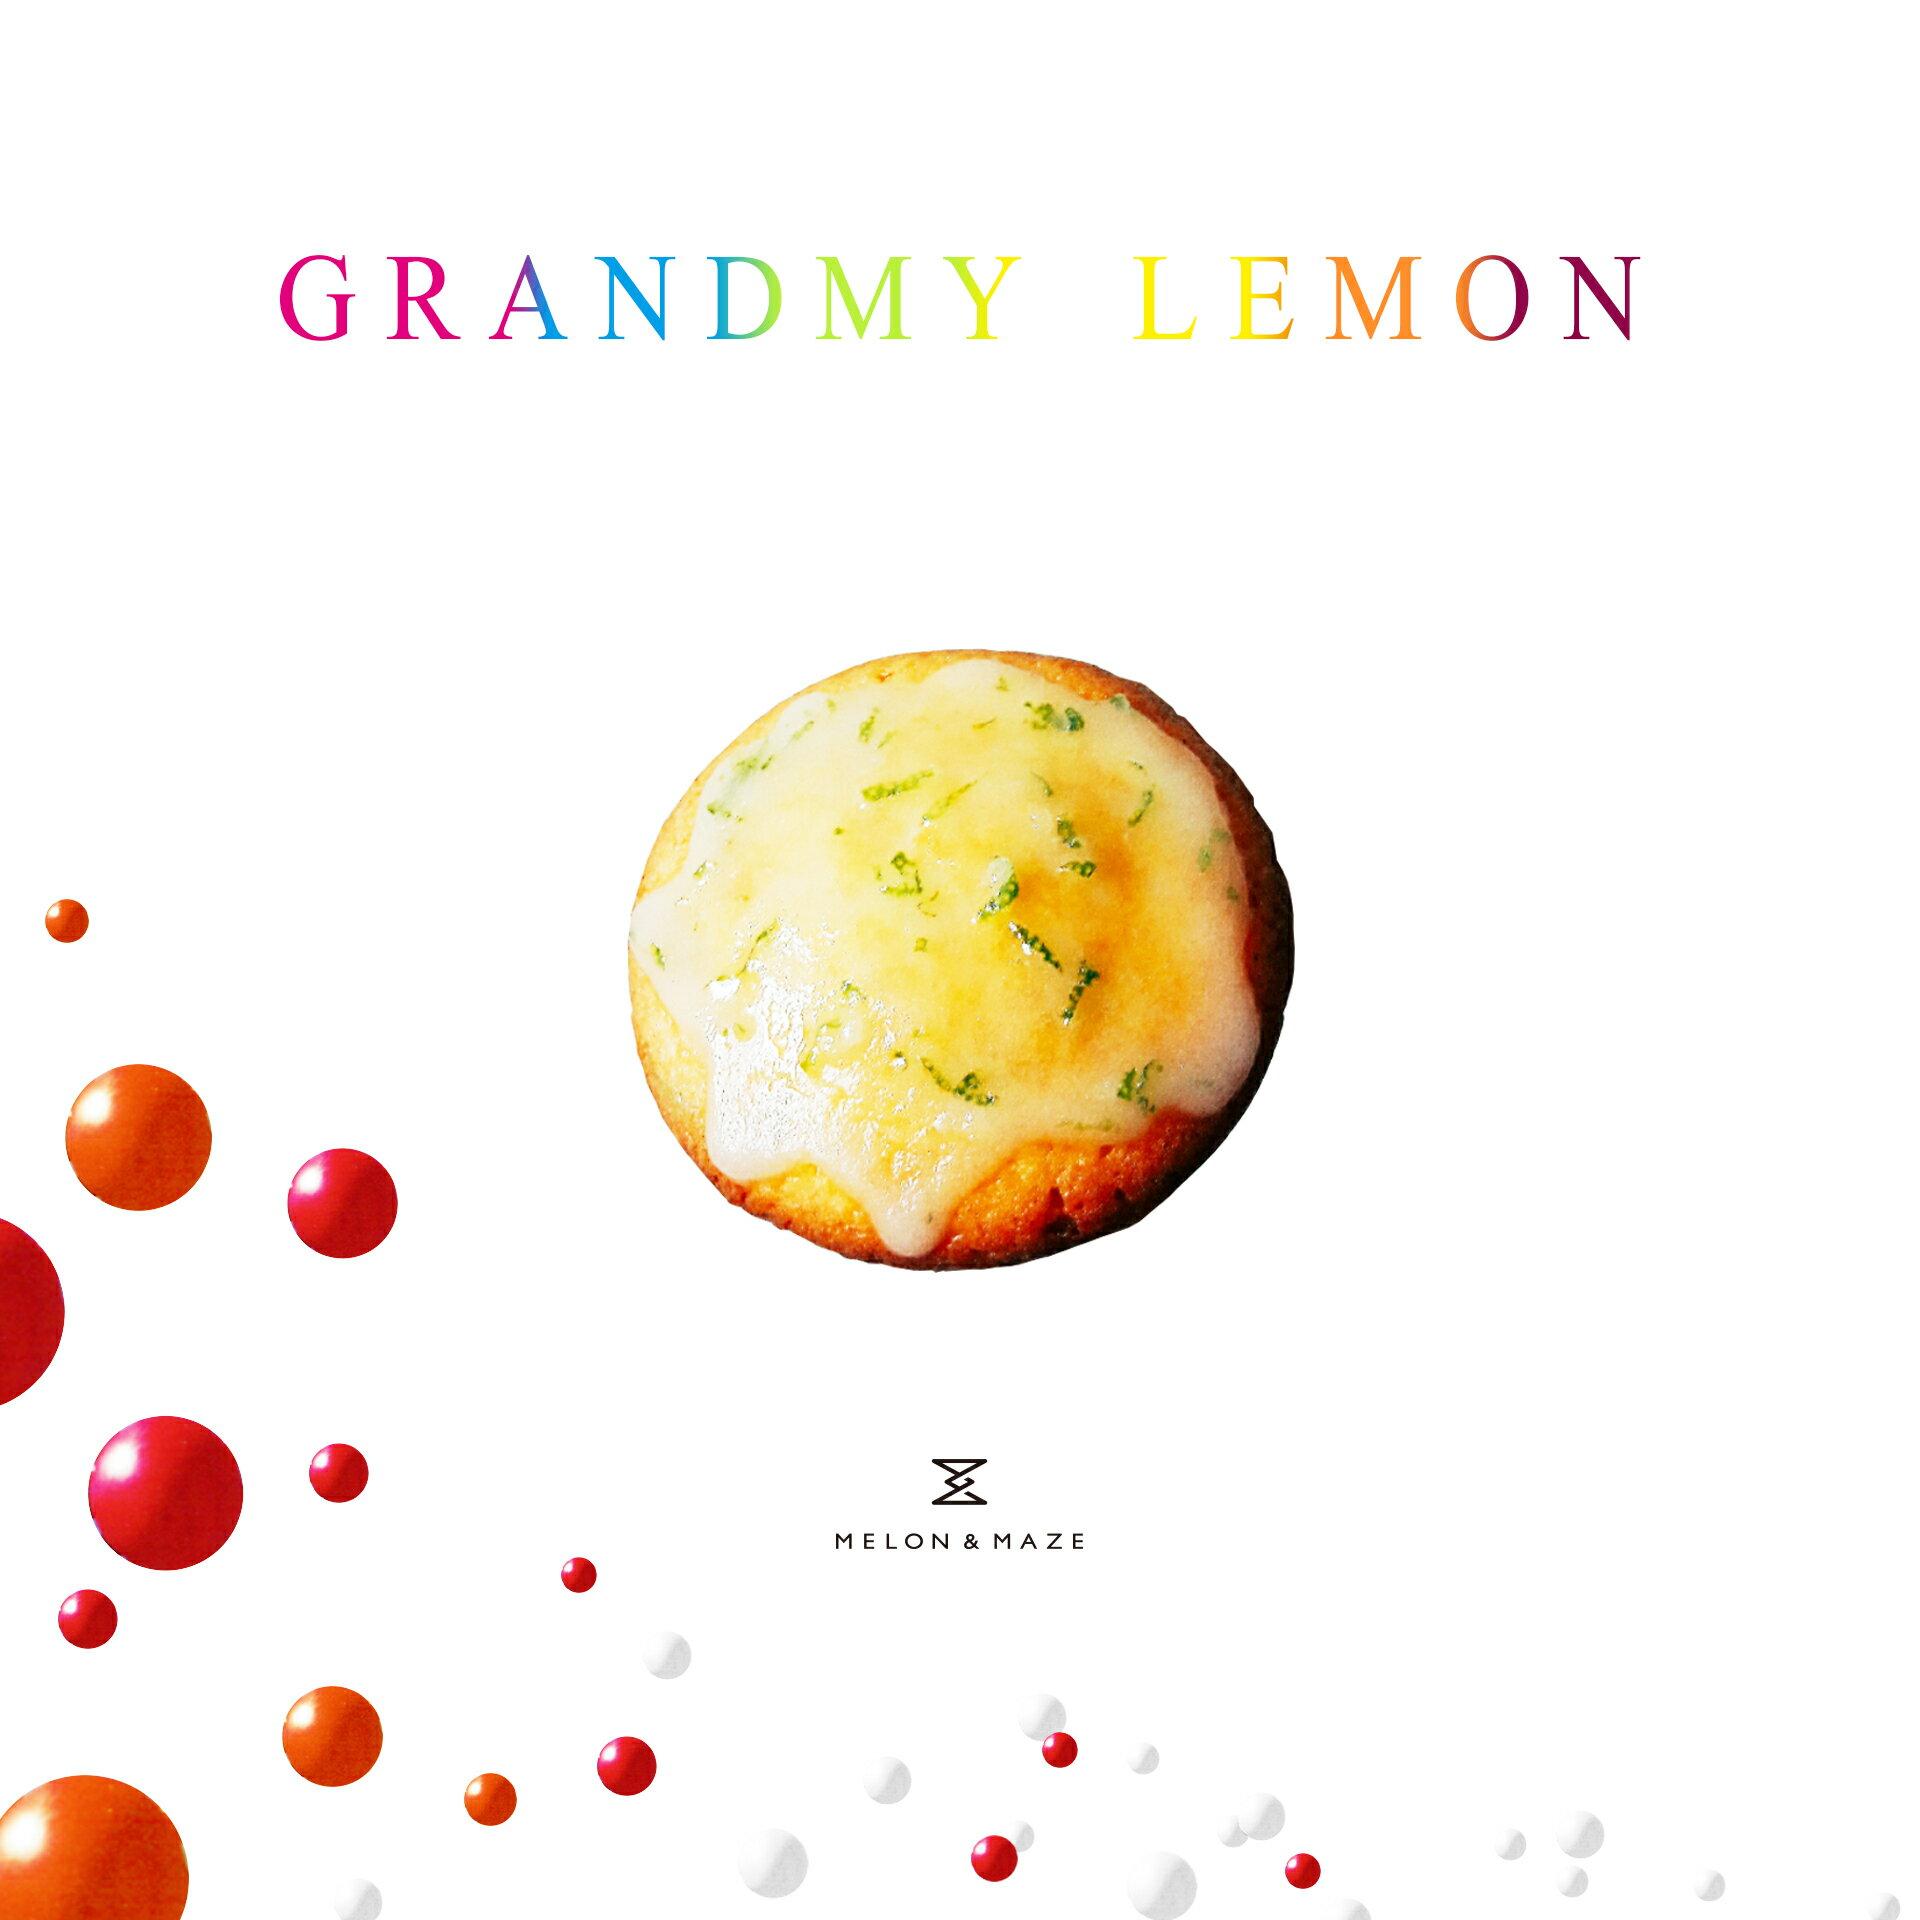 【別忘了心中的孩子】 小奶奶檸檬杯子蛋糕 (4入/盒)★樂天歡慶母親節滿499免運